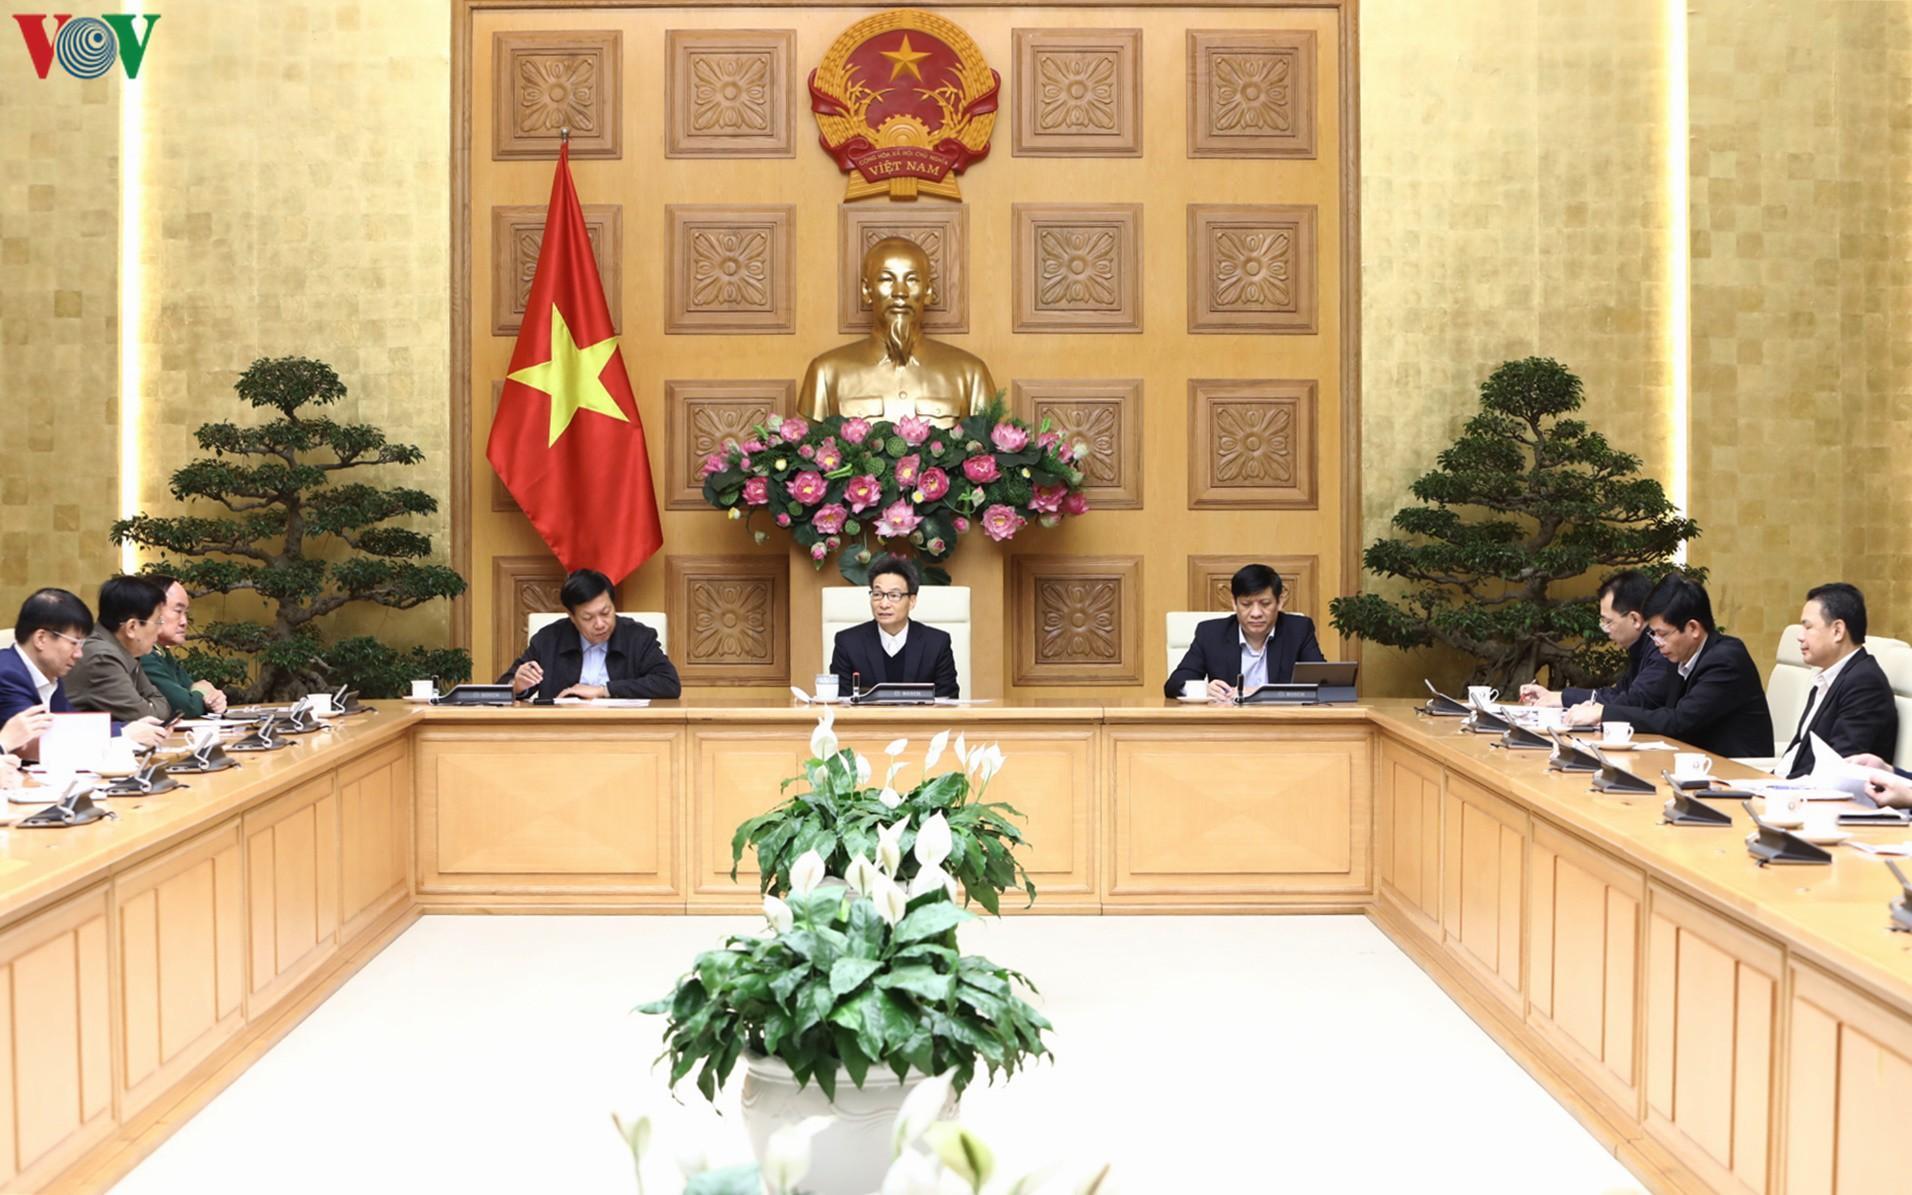 Bộ Y tế: Khánh Hòa đủ điều kiện công bố hết dịch Covid-19 Ảnh 1